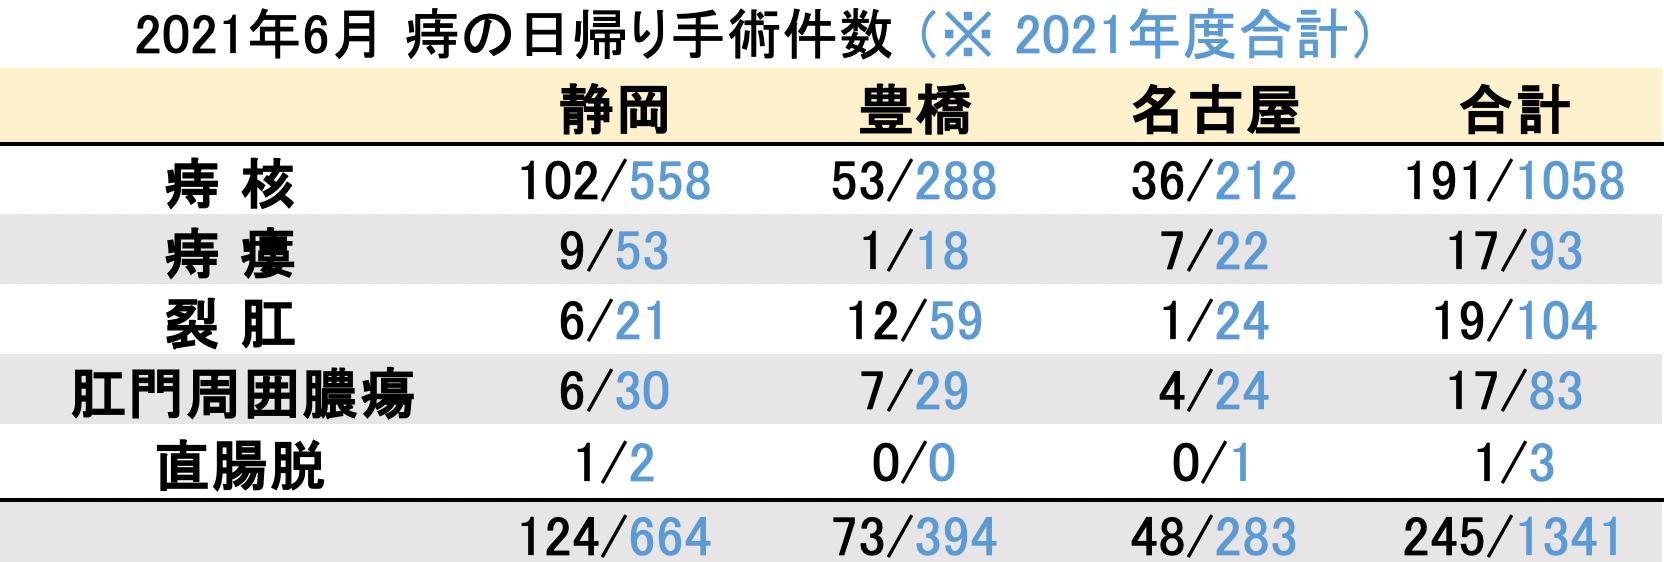 マイクリニック大久保グループ2021年6月の痔の日帰り手術件数